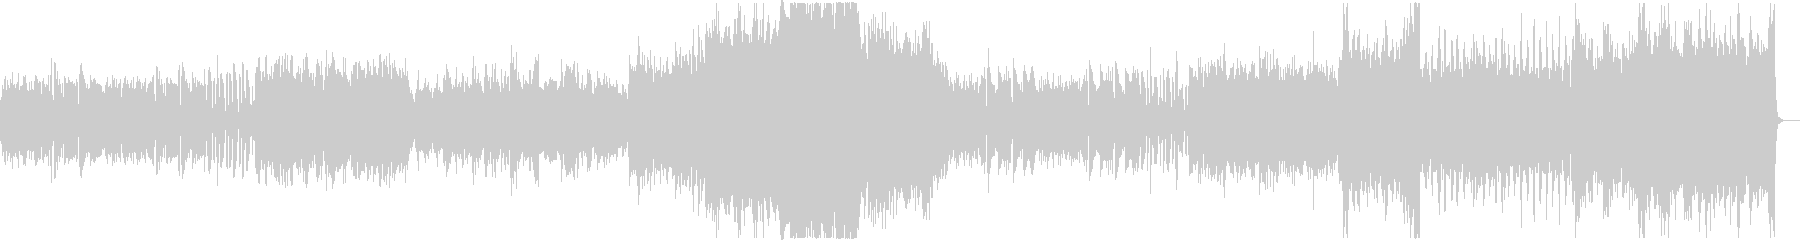 オーエストラによる壮大なBGMの未再生の波形